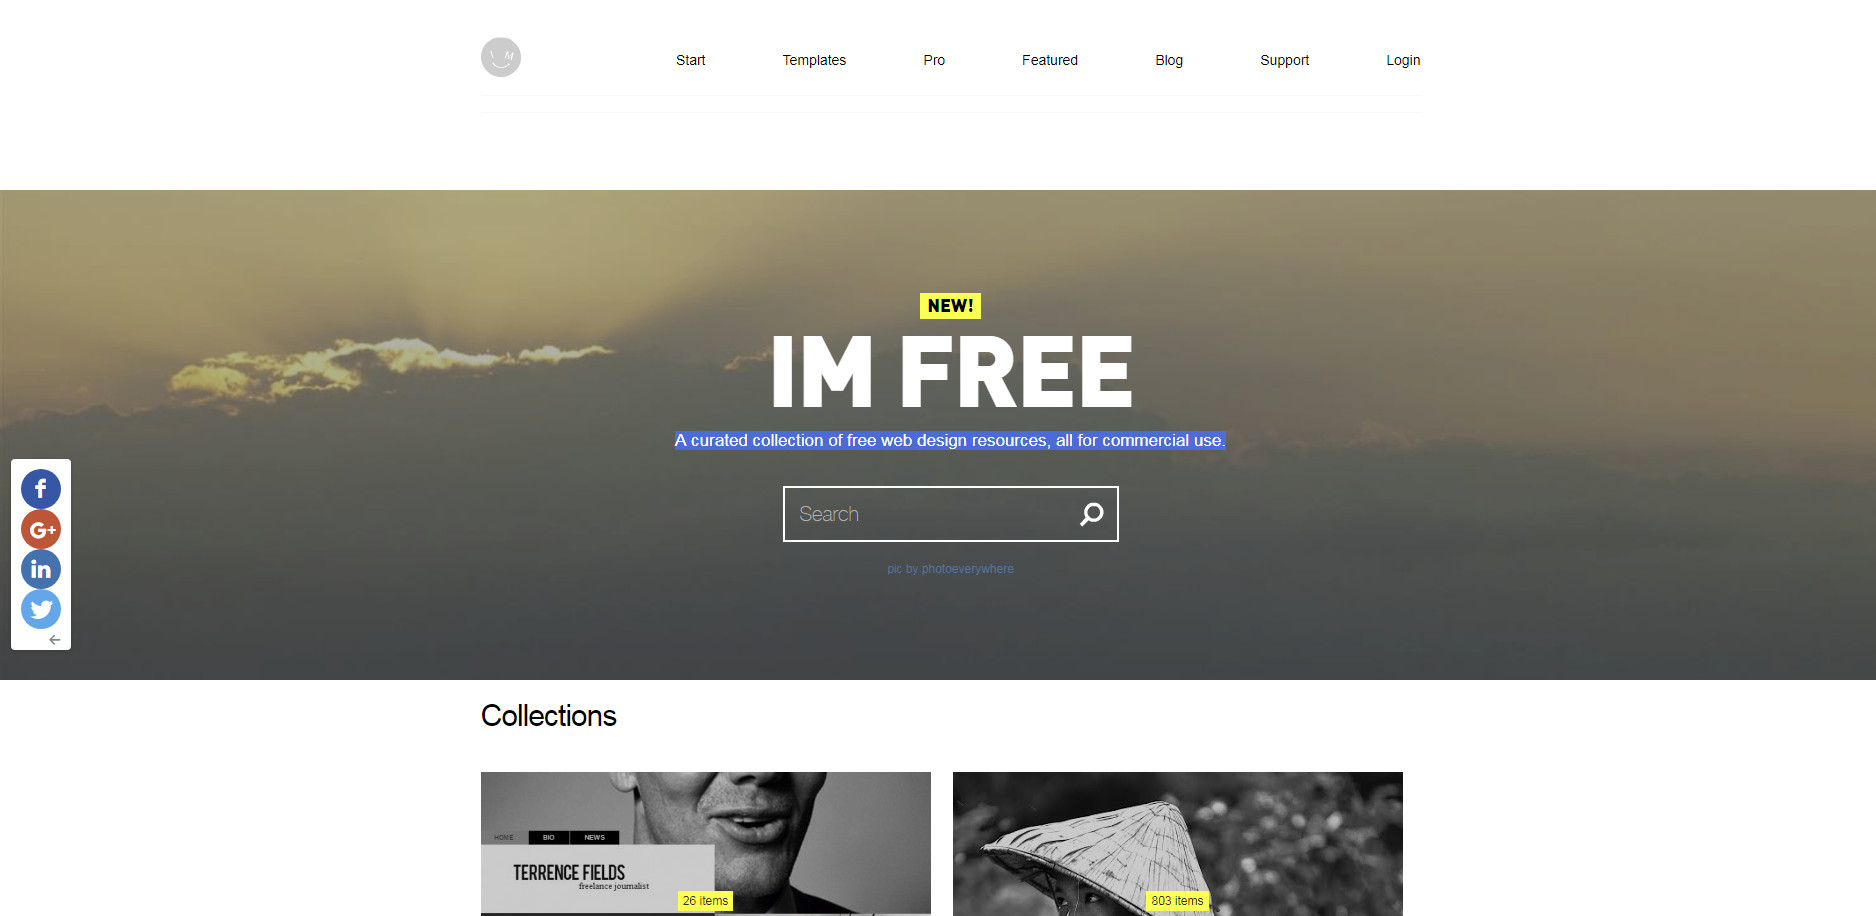 ImFree, jogtiszta fotók, ingyenes fotók, jogtiszta képek, ingyenes képek, ingyenes png ábrák, ingyenes háttérképek, ingyenes logó